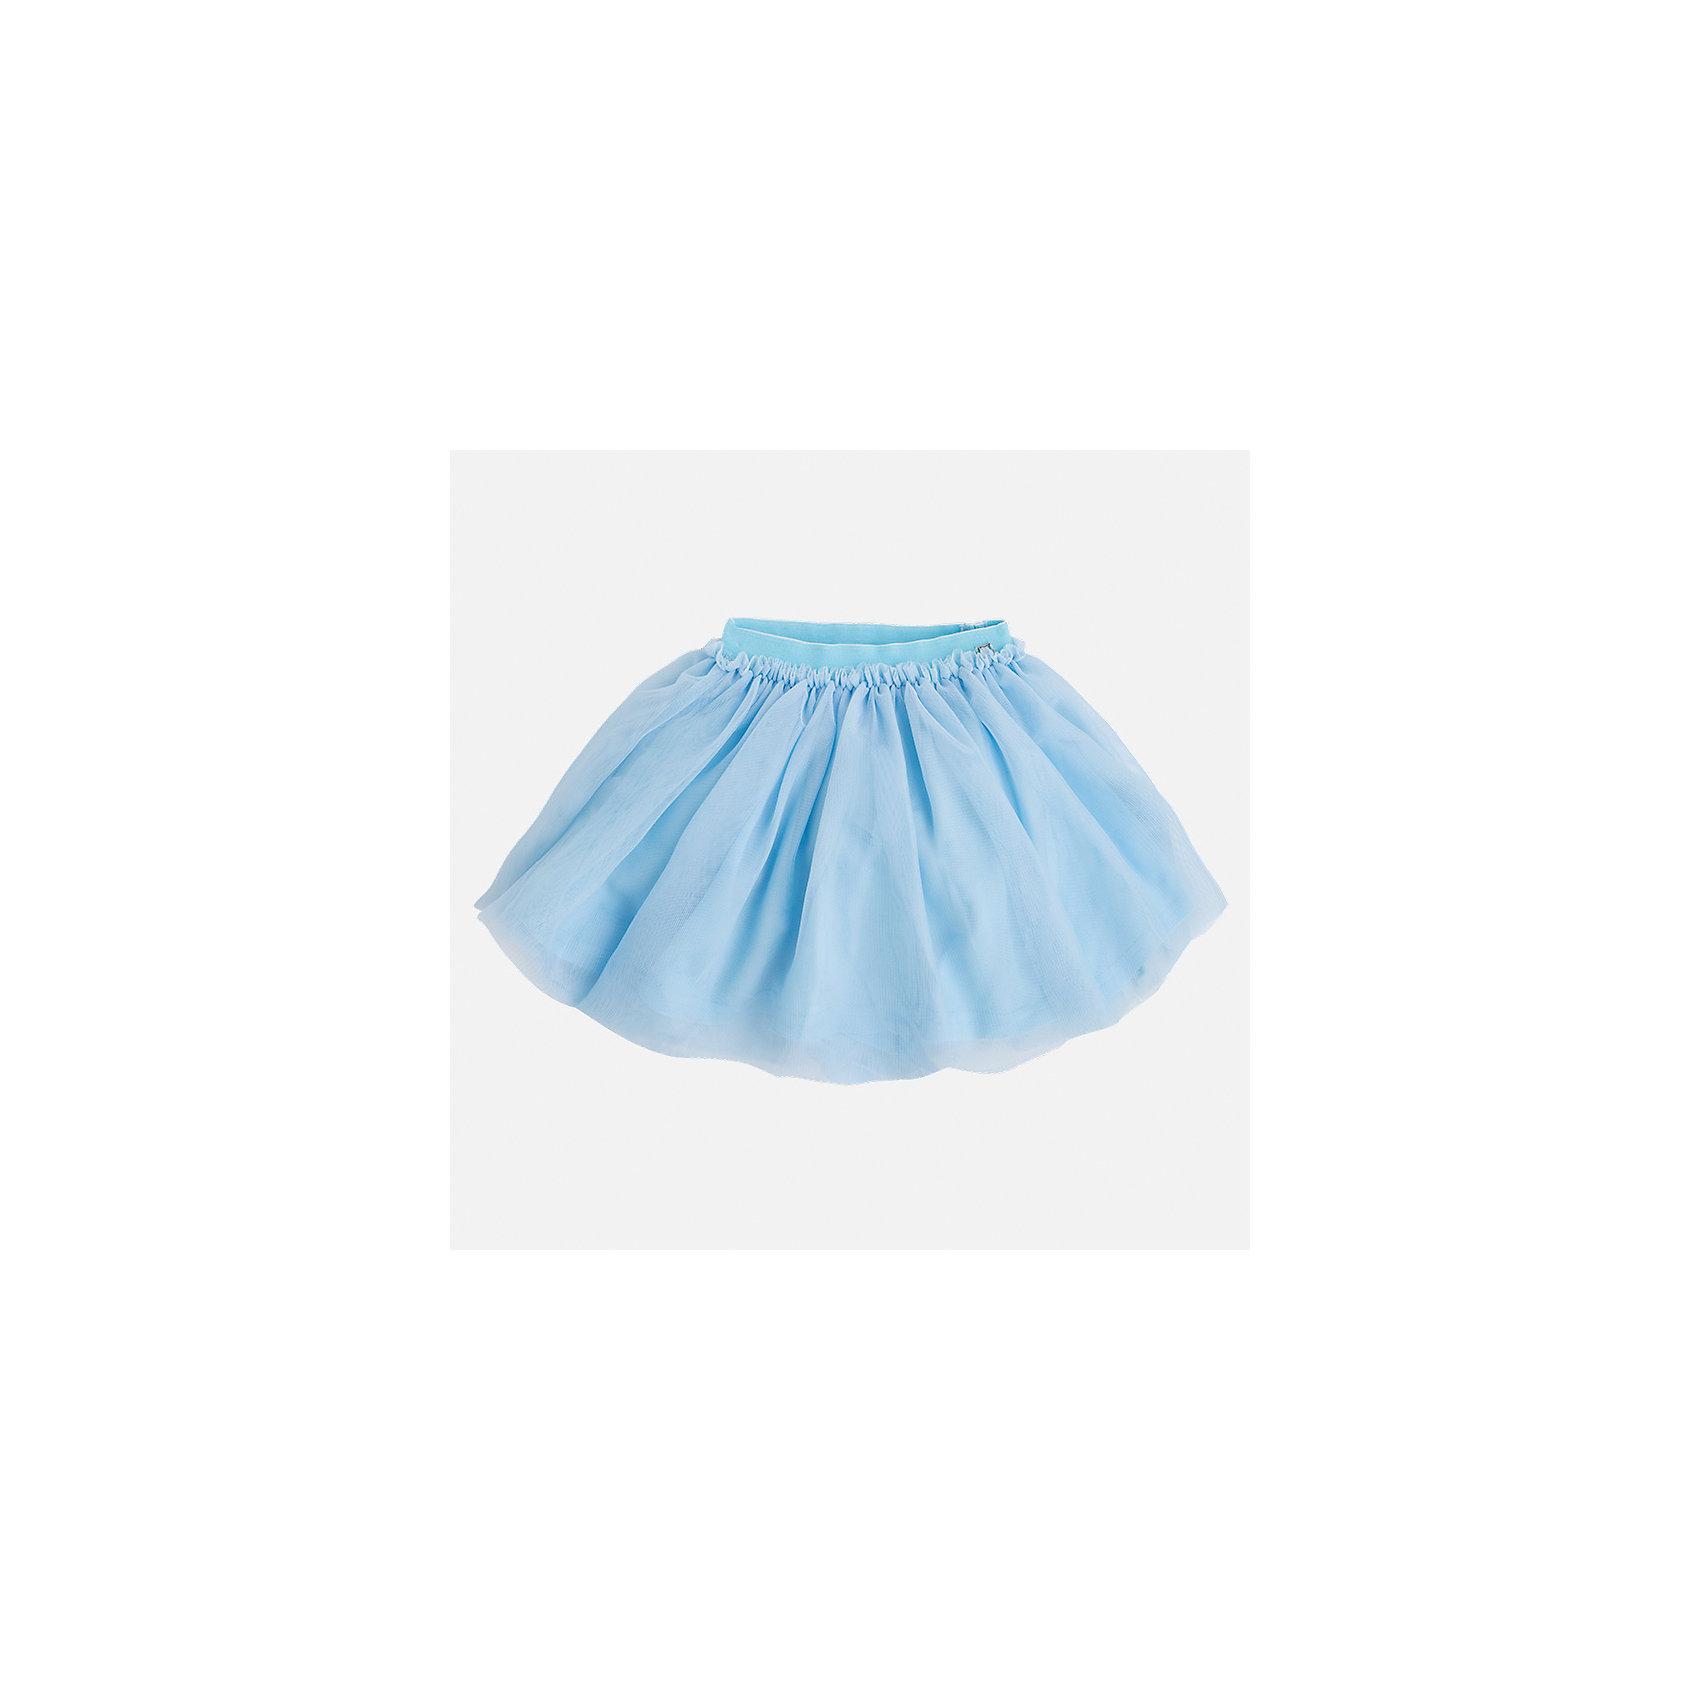 Юбка для девочки MayoralЮбки<br>Характеристики товара:<br><br>• цвет: голубой<br>• состав: 100% полиэстер, подкладка - 100% хлопок<br>• пояс на резинке<br>• легкий материал<br>• с подкладкой<br>• объемная<br>• страна бренда: Испания<br><br>Легкая юбка для девочки поможет разнообразить гардероб ребенка и создать эффектный наряд. Она отлично сочетаются с майками, футболками, блузками. Красивый оттенок позволяет подобрать к вещи верх разных расцветок. В составе материала подкладки - натуральный хлопок, гипоаллергенный, приятный на ощупь, дышащий. Юбка отлично сидит и не стесняет движения.<br><br>Одежда, обувь и аксессуары от испанского бренда Mayoral полюбились детям и взрослым по всему миру. Модели этой марки - стильные и удобные. Для их производства используются только безопасные, качественные материалы и фурнитура. Порадуйте ребенка модными и красивыми вещами от Mayoral! <br><br>Юбку для девочки от испанского бренда Mayoral (Майорал) можно купить в нашем интернет-магазине.<br><br>Ширина мм: 207<br>Глубина мм: 10<br>Высота мм: 189<br>Вес г: 183<br>Цвет: зеленый<br>Возраст от месяцев: 96<br>Возраст до месяцев: 108<br>Пол: Женский<br>Возраст: Детский<br>Размер: 134,92,98,104,110,116,122,128<br>SKU: 5290921